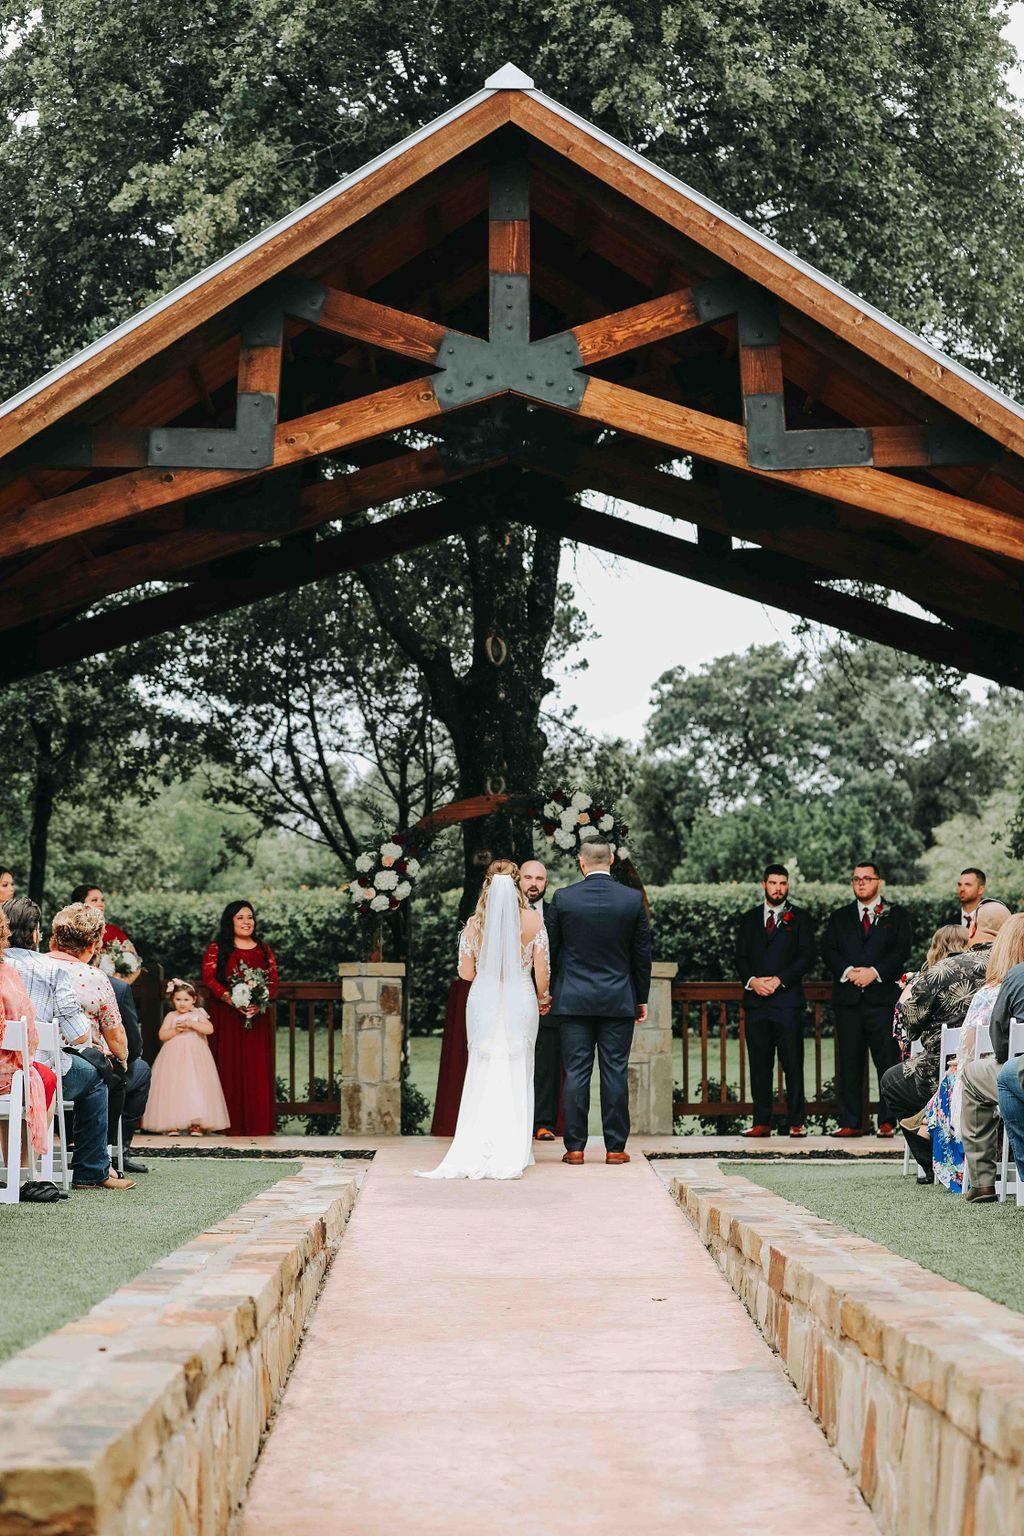 Weatherford Wedding Venue | Dallas wedding venues ...